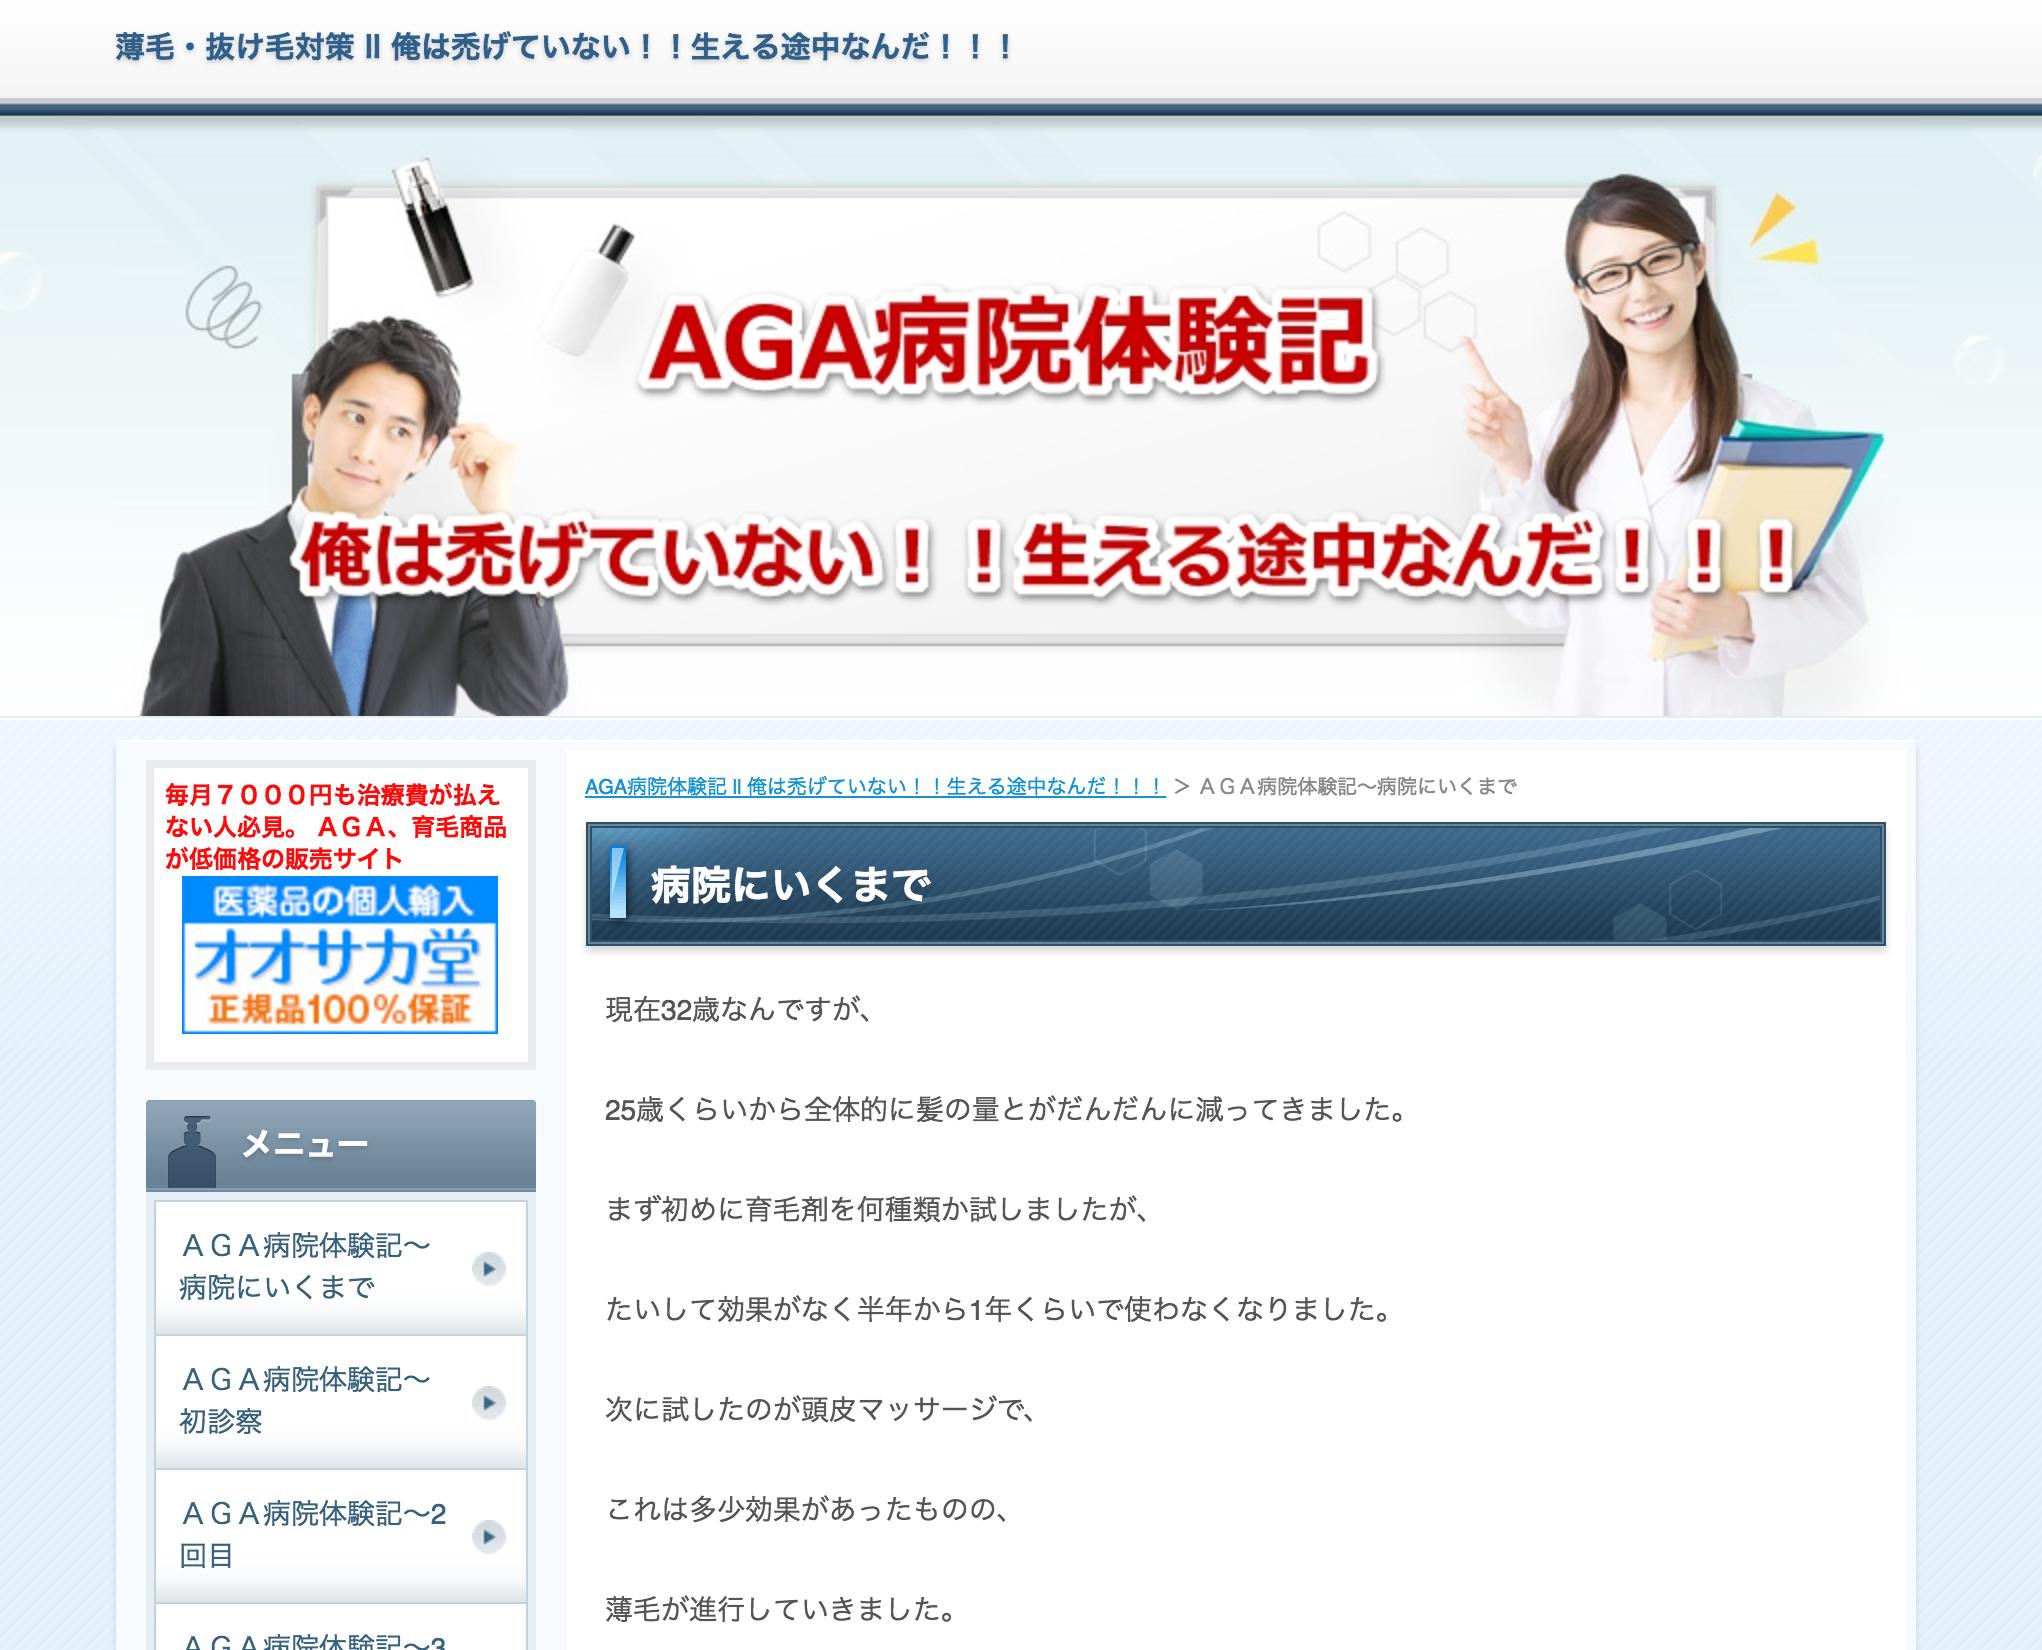 AGA病院体験記 ll 俺は禿げていない!!生える途中なんだ!!!